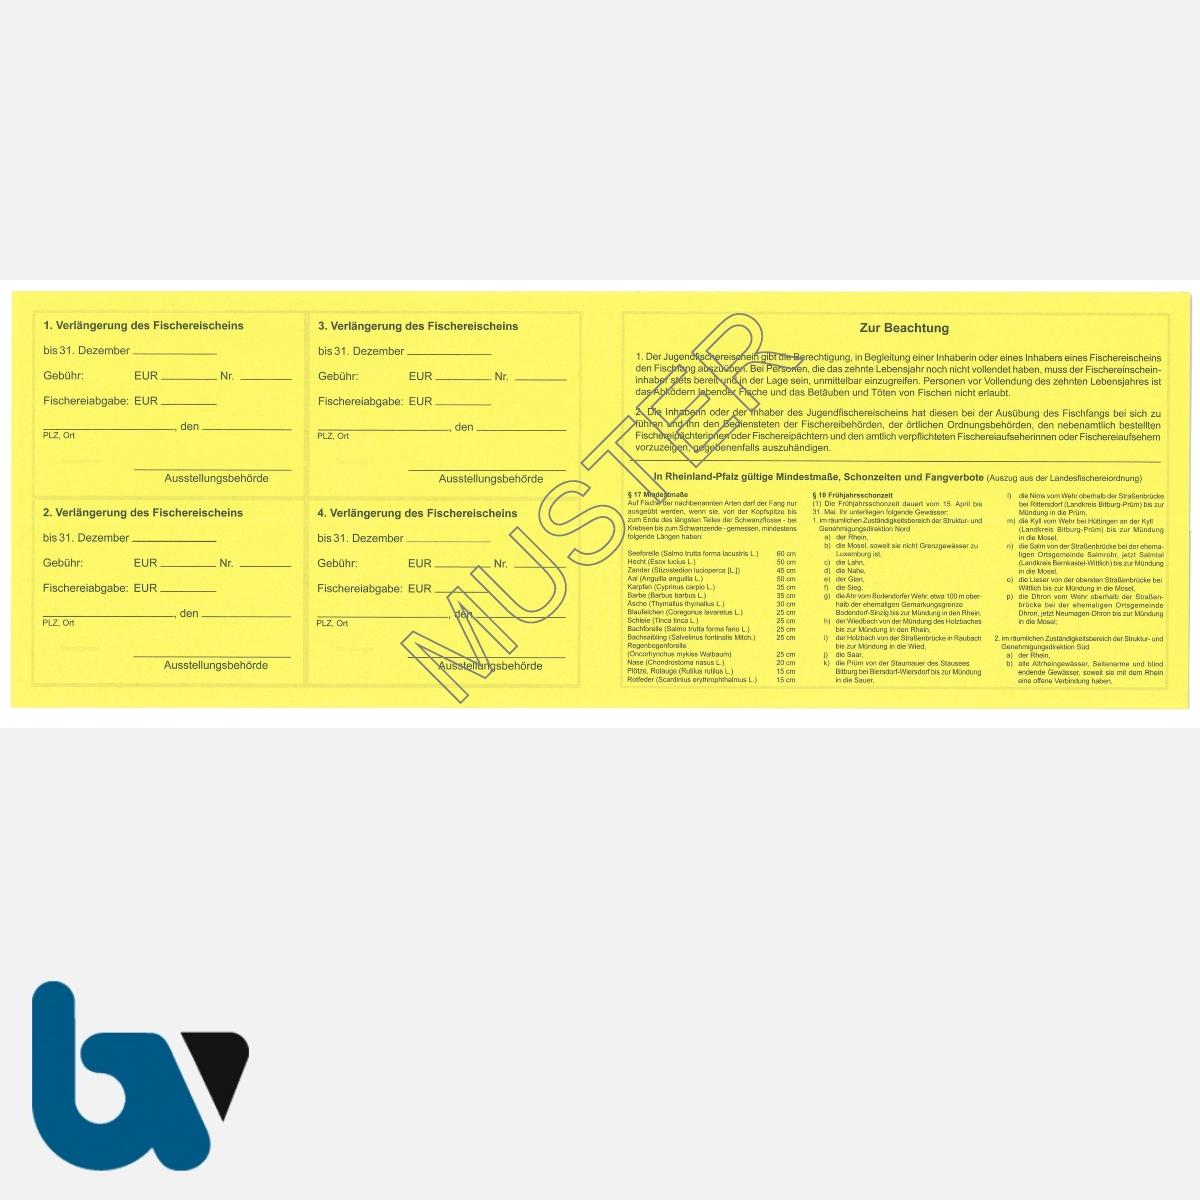 2/456-2 Jugendfischereischein RLP Rheinland Pfalz gelb Neobond Muster RS | Borgard Verlag GmbH